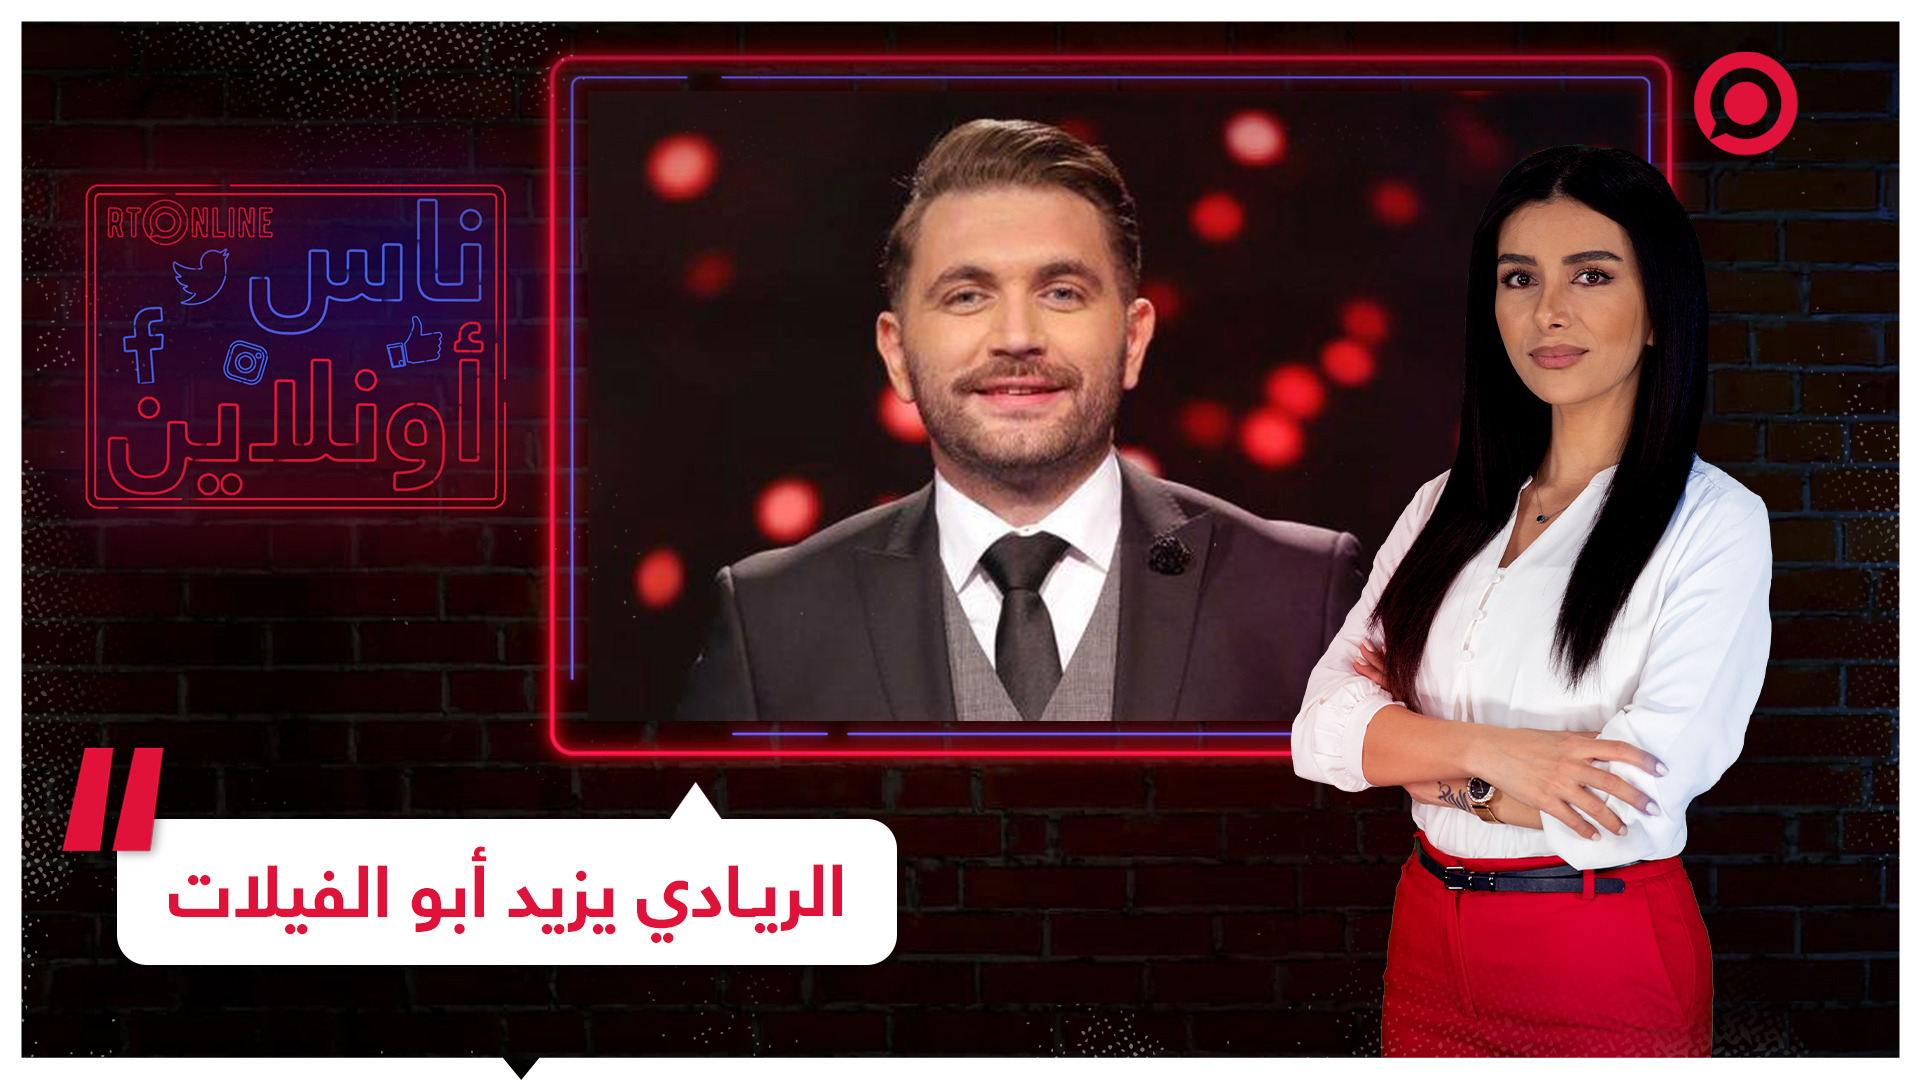 لقاء خاص مع الإعلامي الريادي وصانع الأفلام يزيد أبو الفيلات